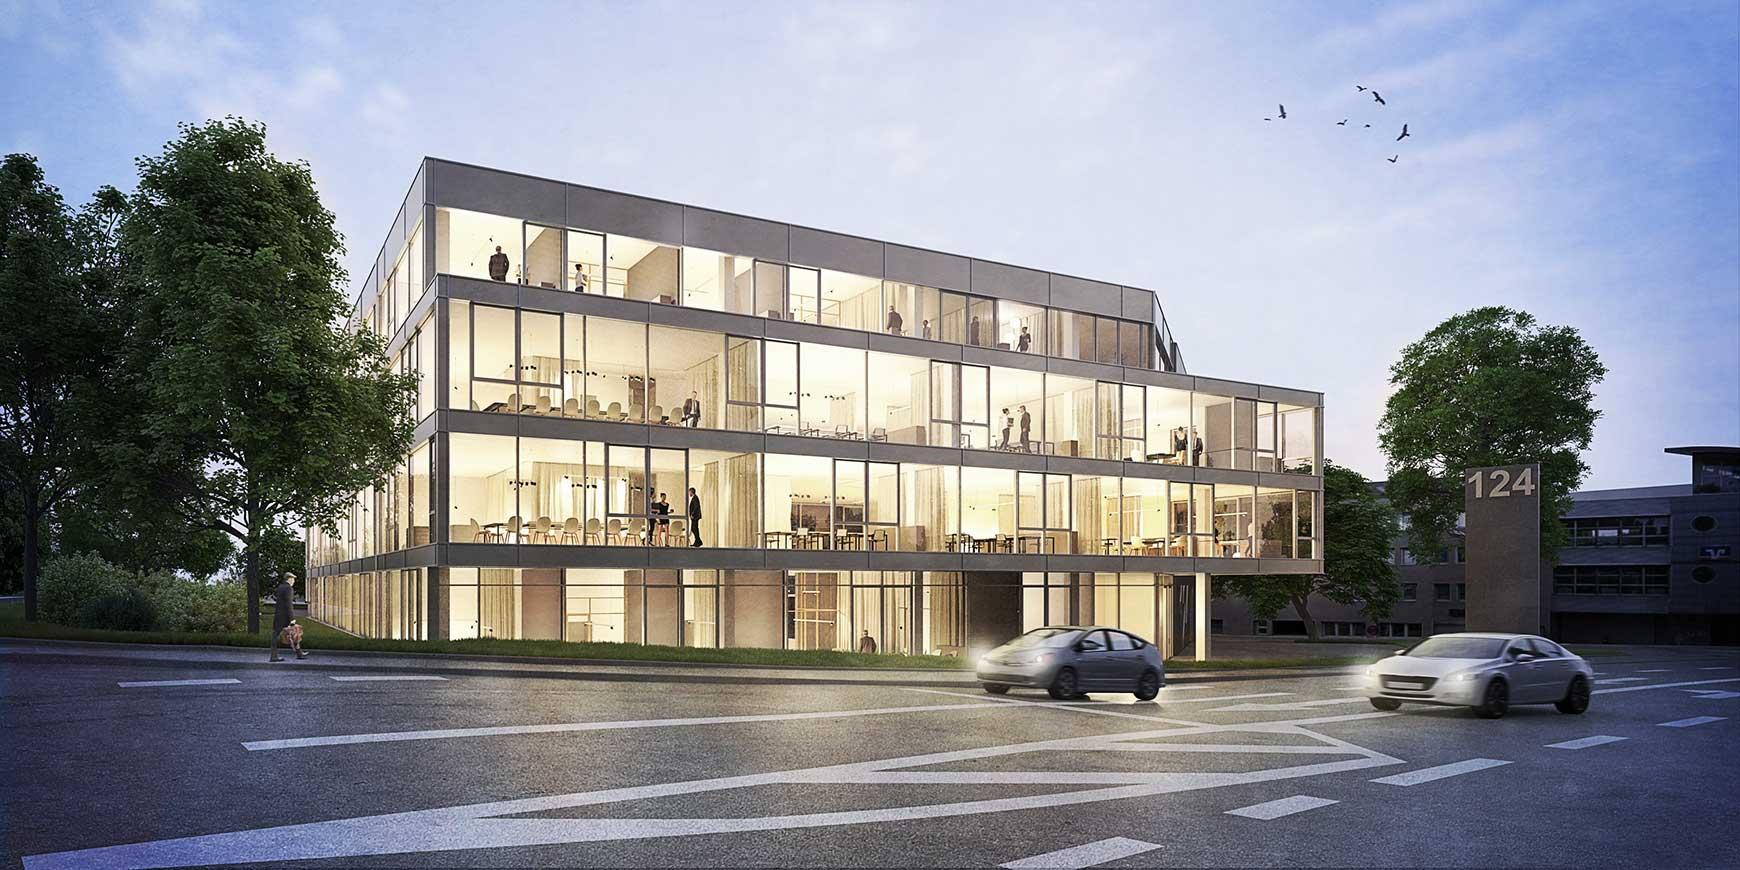 VALLEY ONE24 Das Genossenschaftliche Bürozentrum Stuttgart Ost hatte Baubeginn. Es entsteht ein hocheffizientes Bürohaus<br /><br /><a href='https://www.mader-architekten.de/projekte/3/industrie-und-gewerbebau/valley-one24/'> Bürozentrum Valley One24</a>